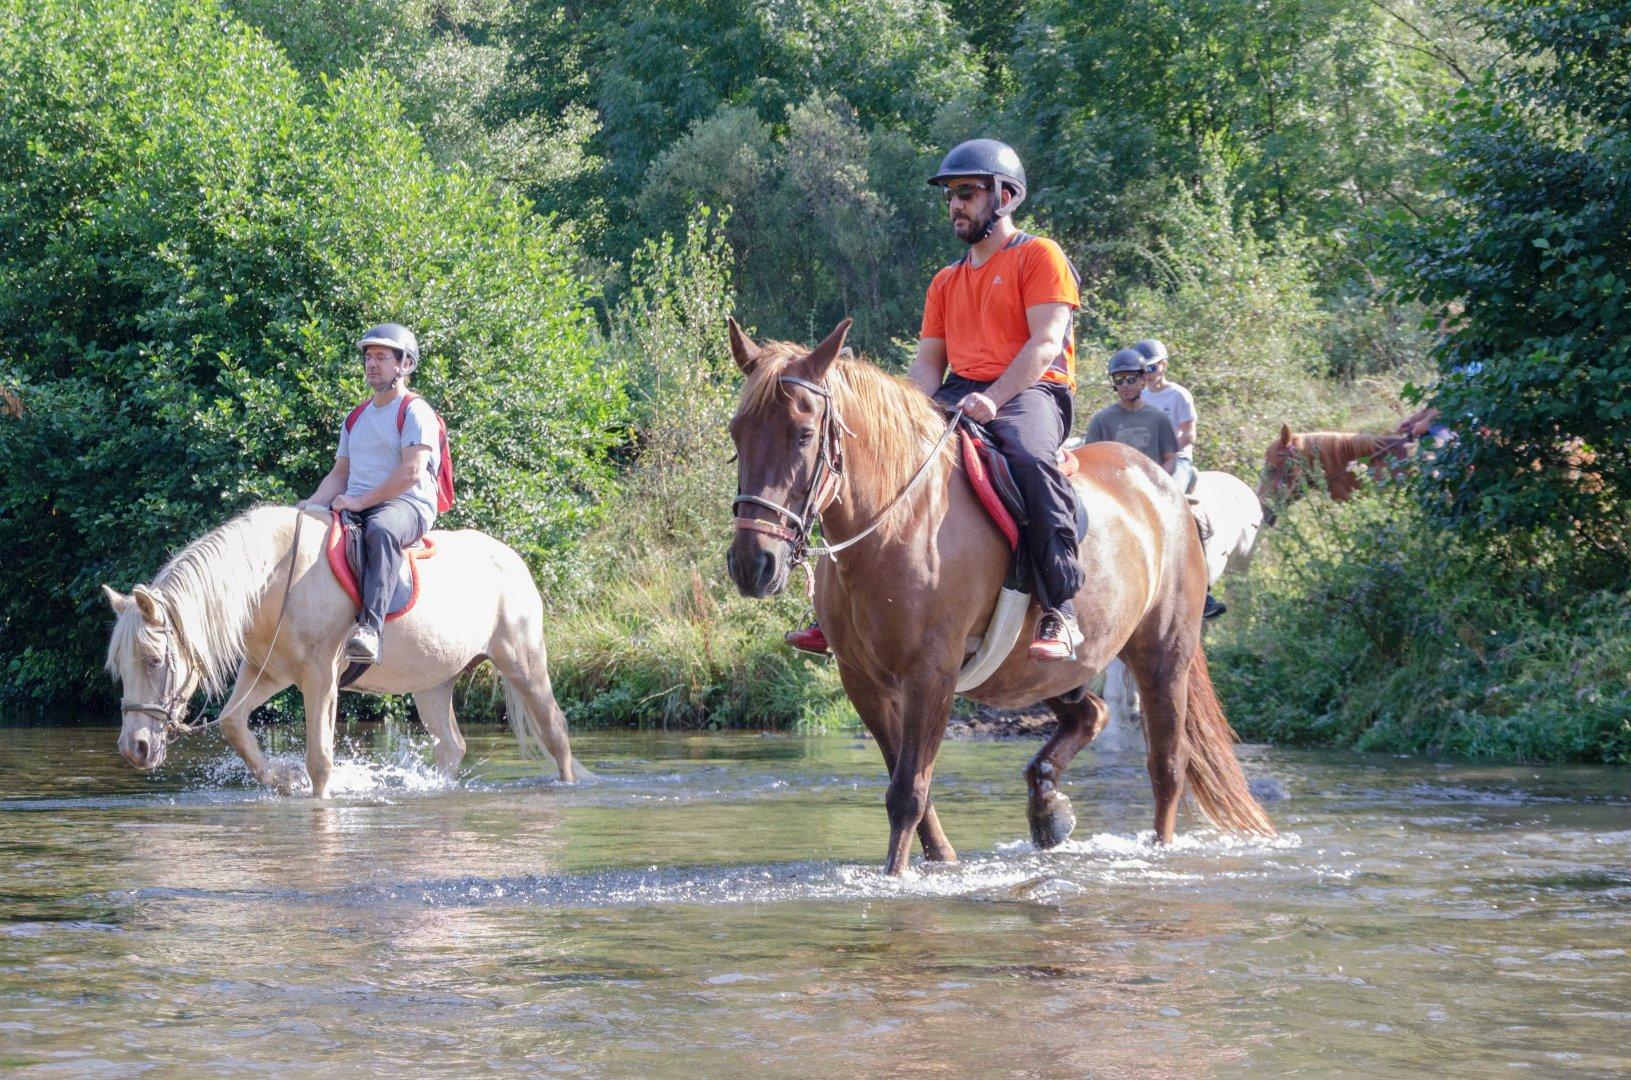 Excursió a cavall per la Vall de Cardós